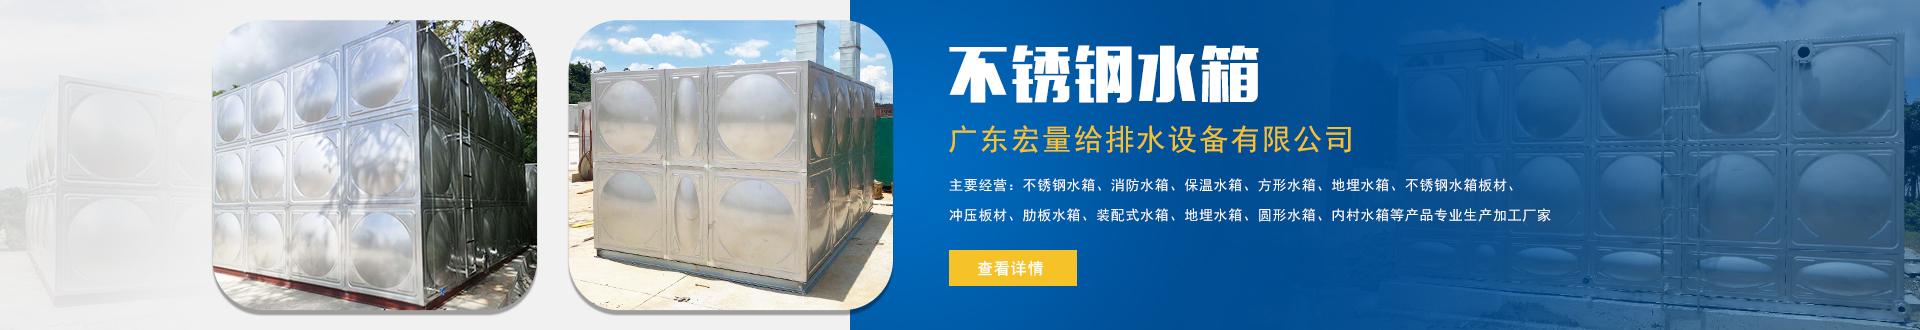 广东宏量给排水设备有限公司